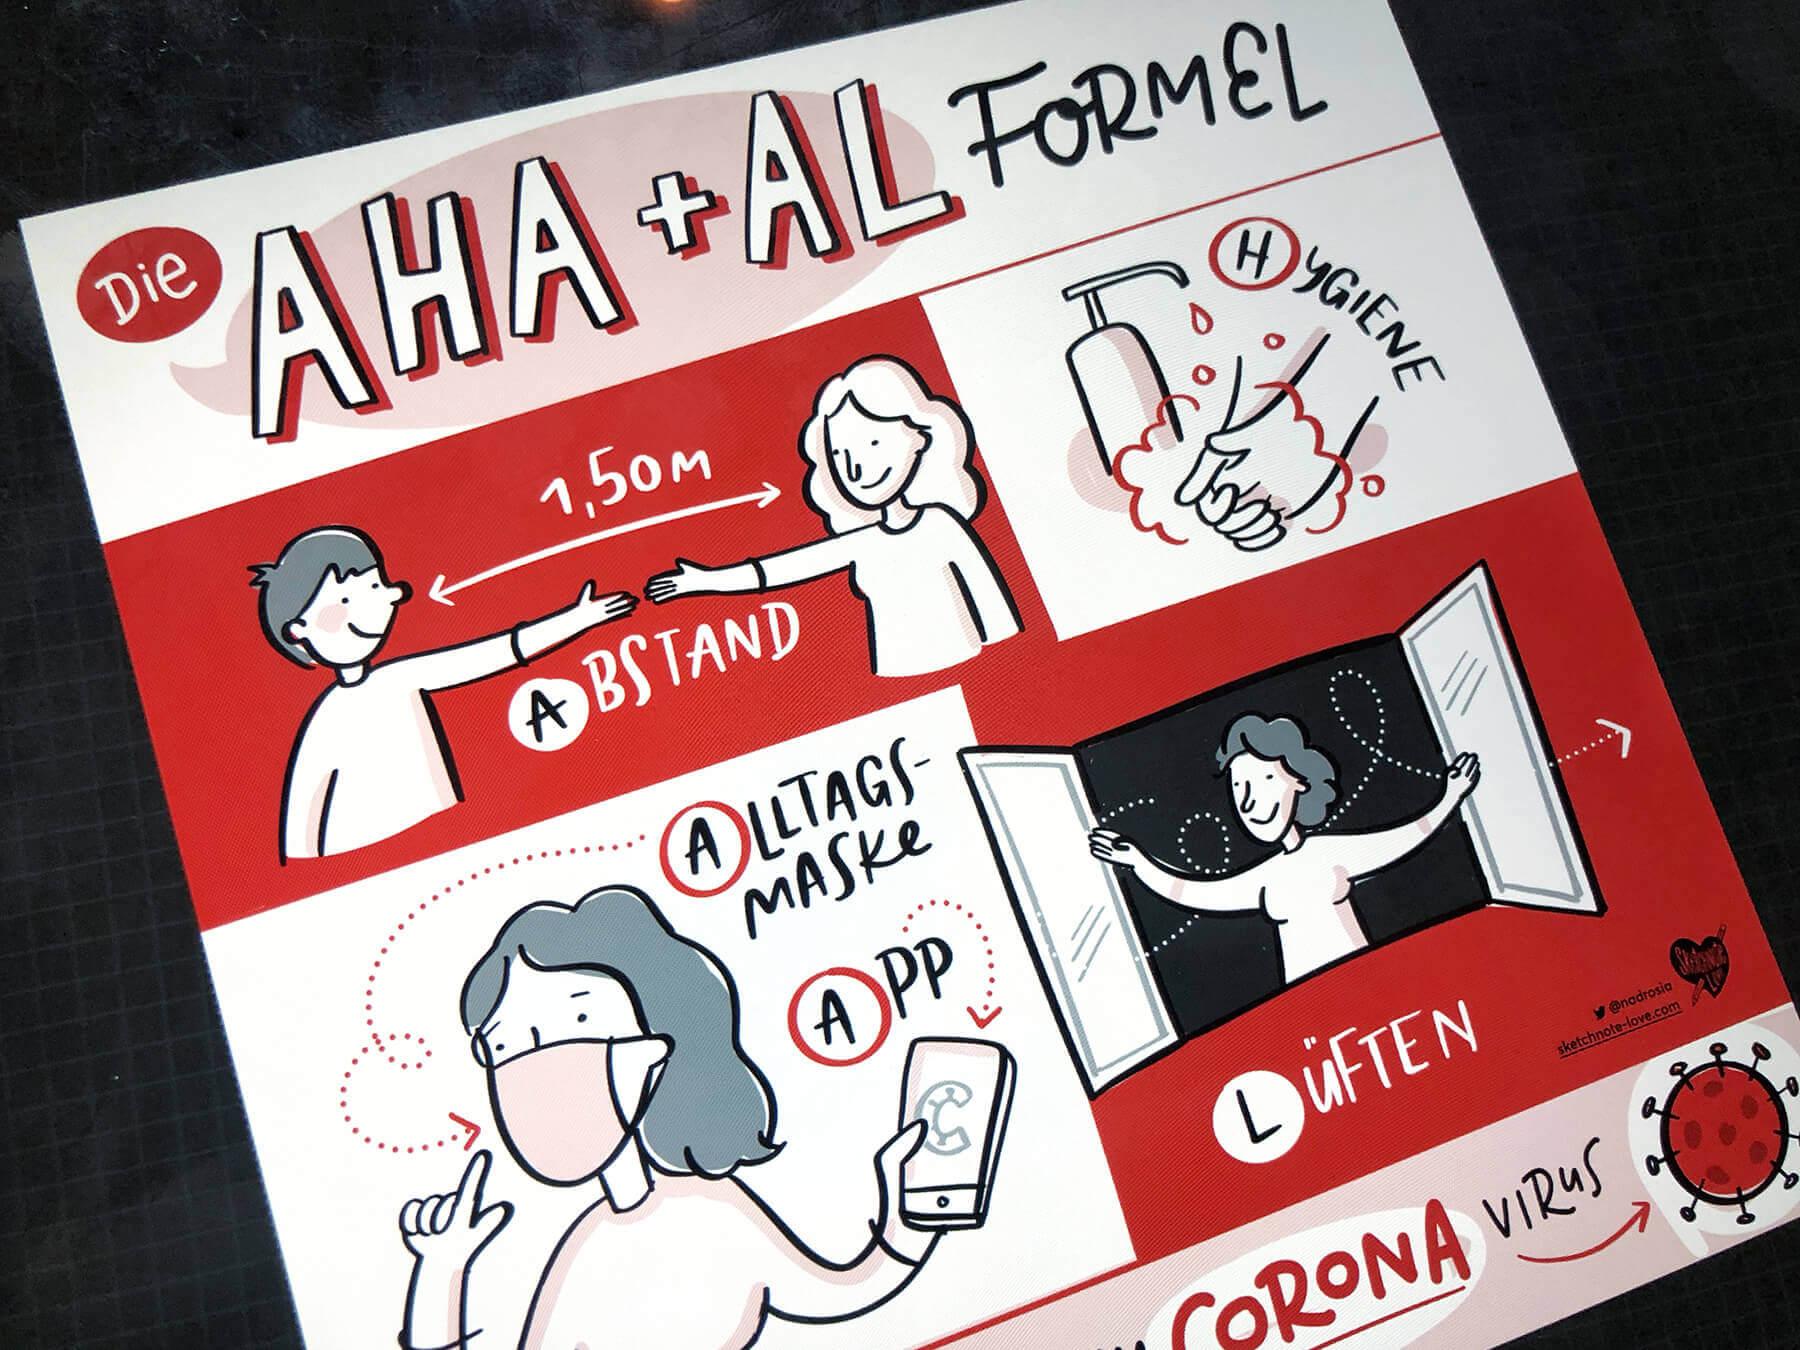 AHA+AL Regeln